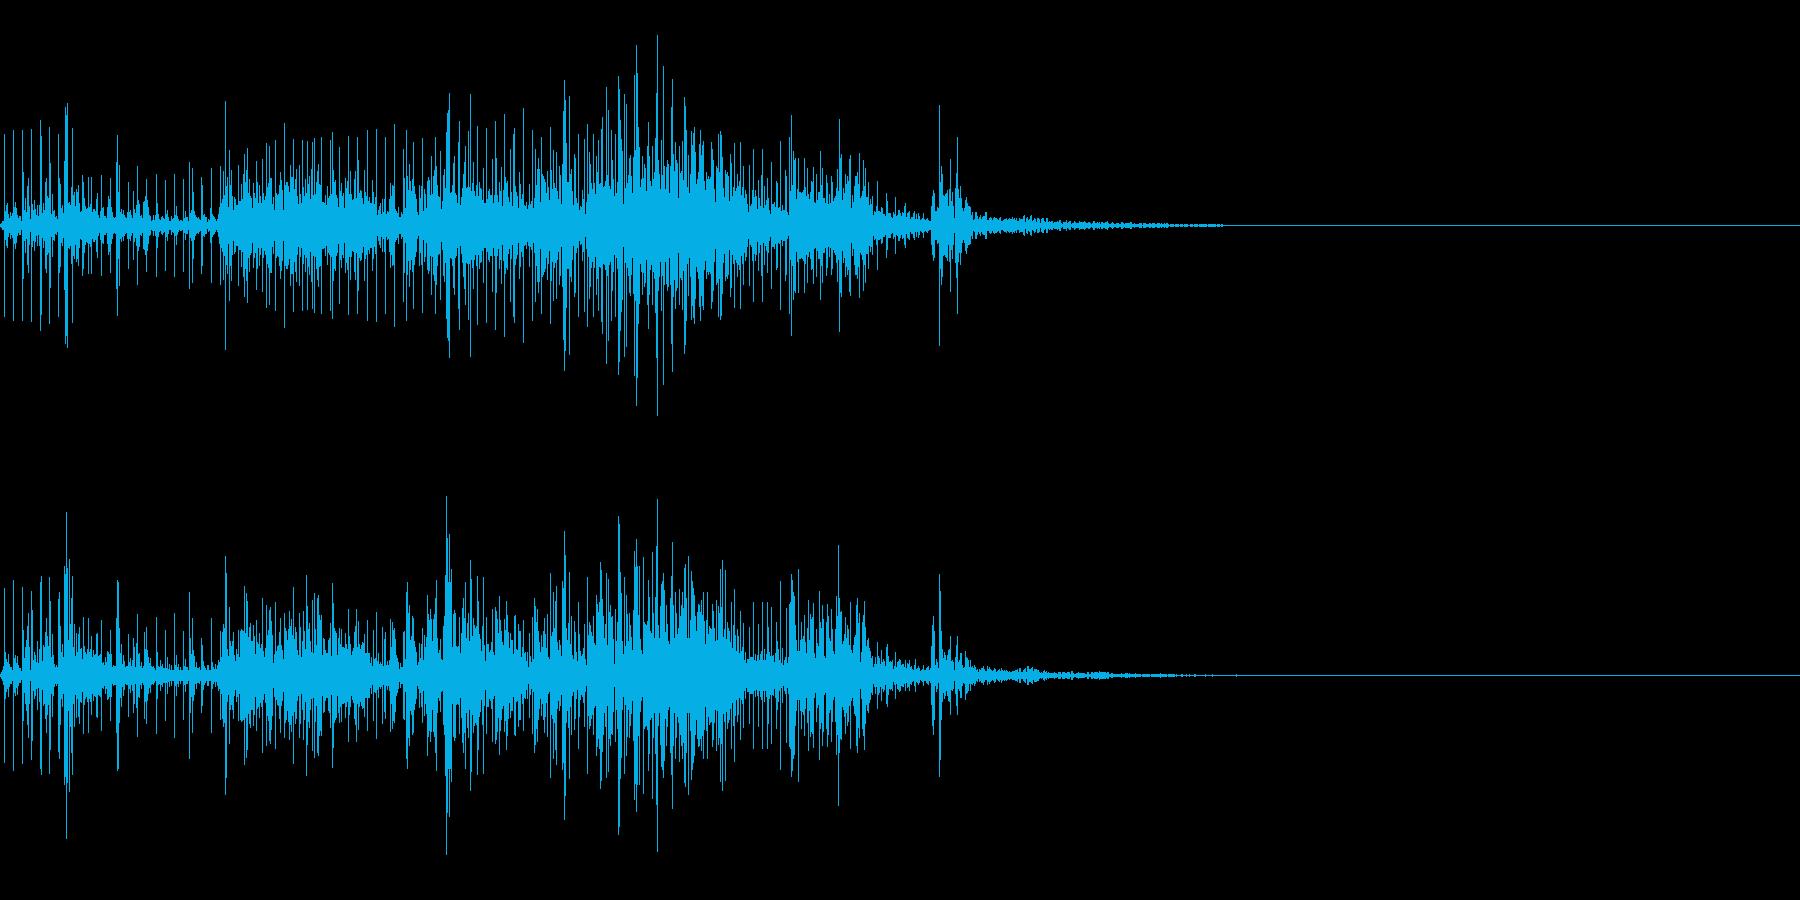 スパーク音-27の再生済みの波形